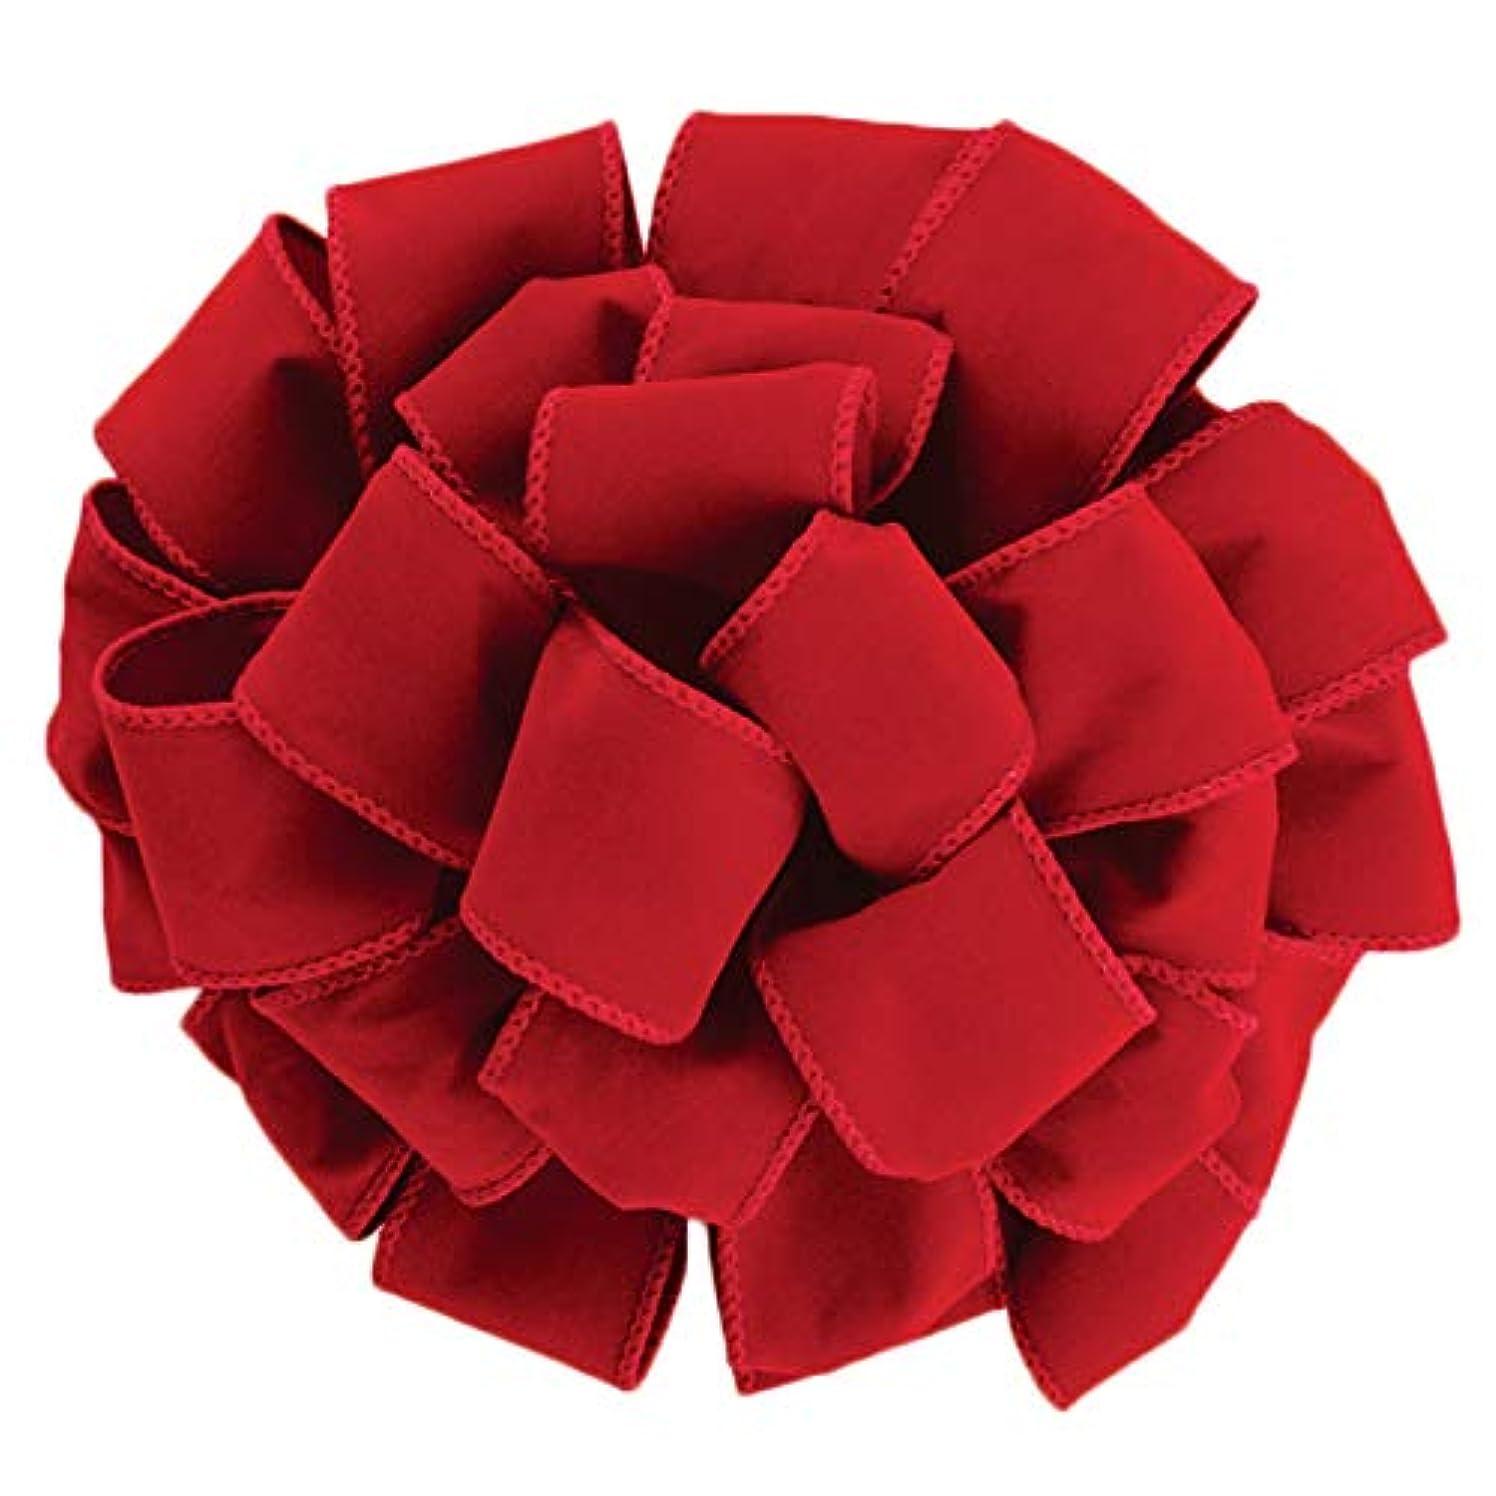 Wired Red Velvet Christmas Ribbon 2 1/2